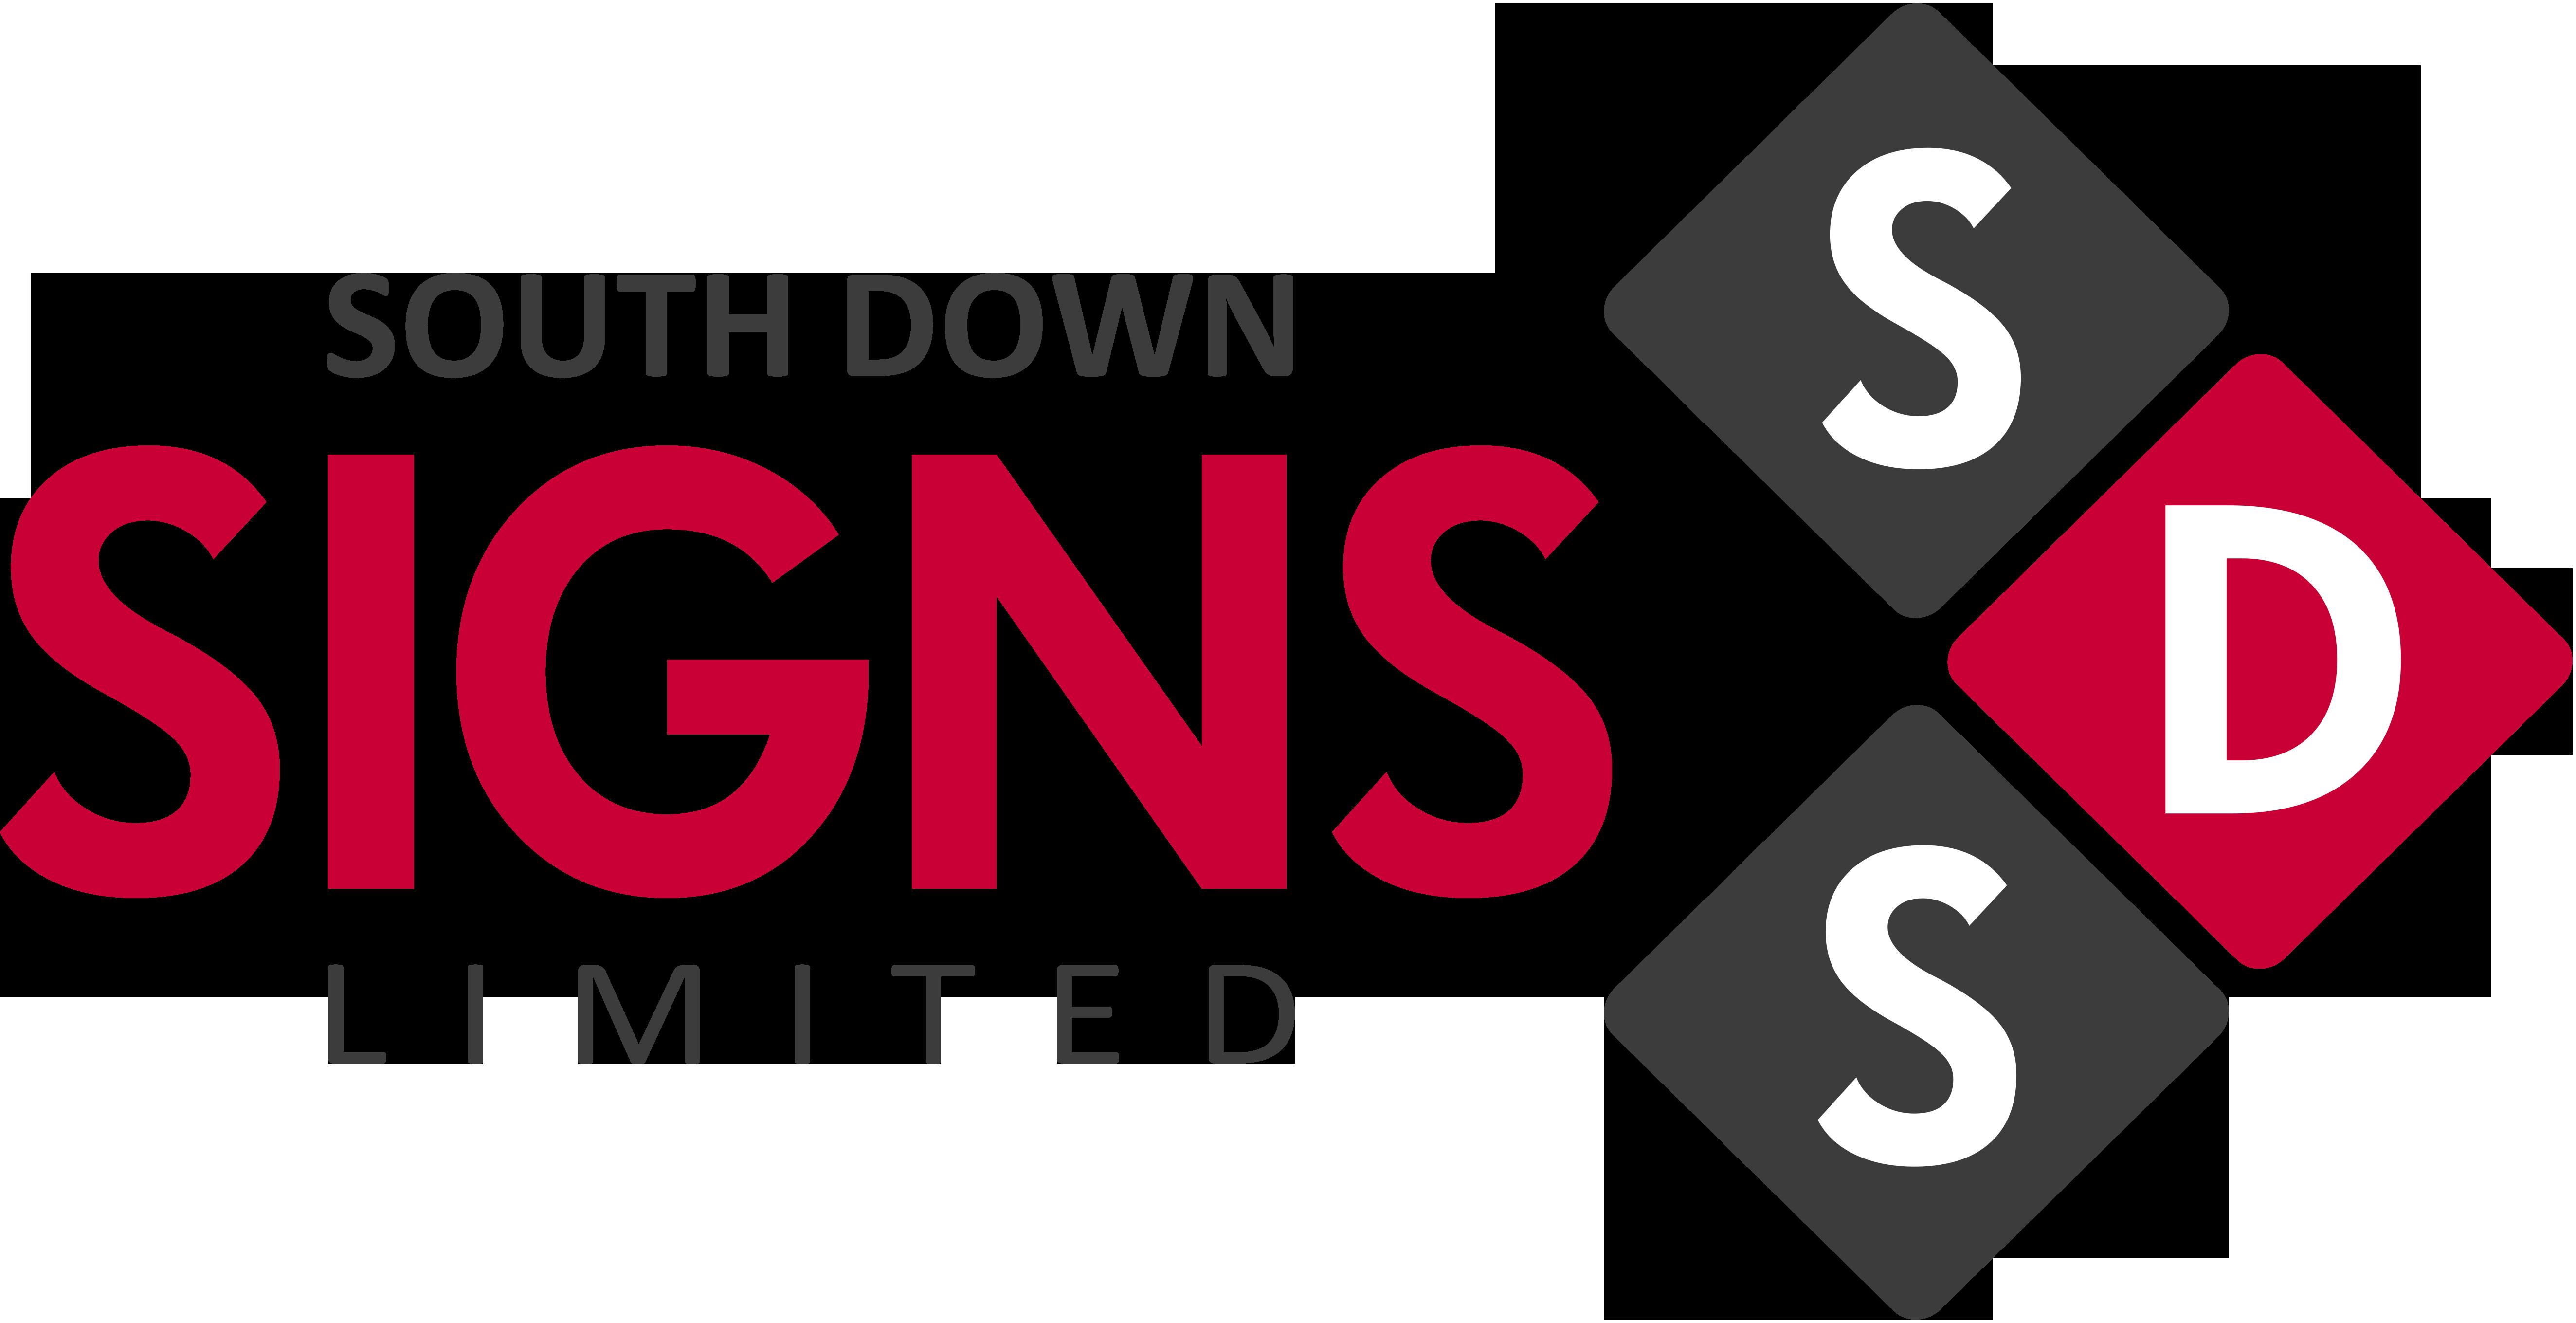 sds logo 2017